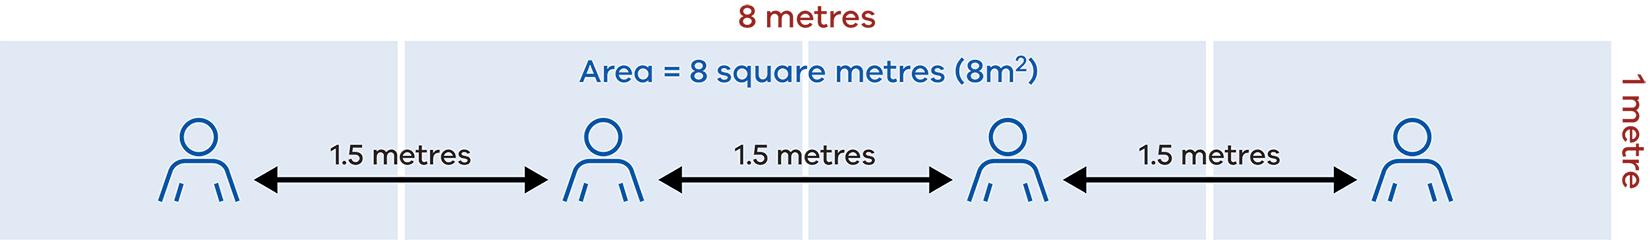 2 square metre rule - 8x1